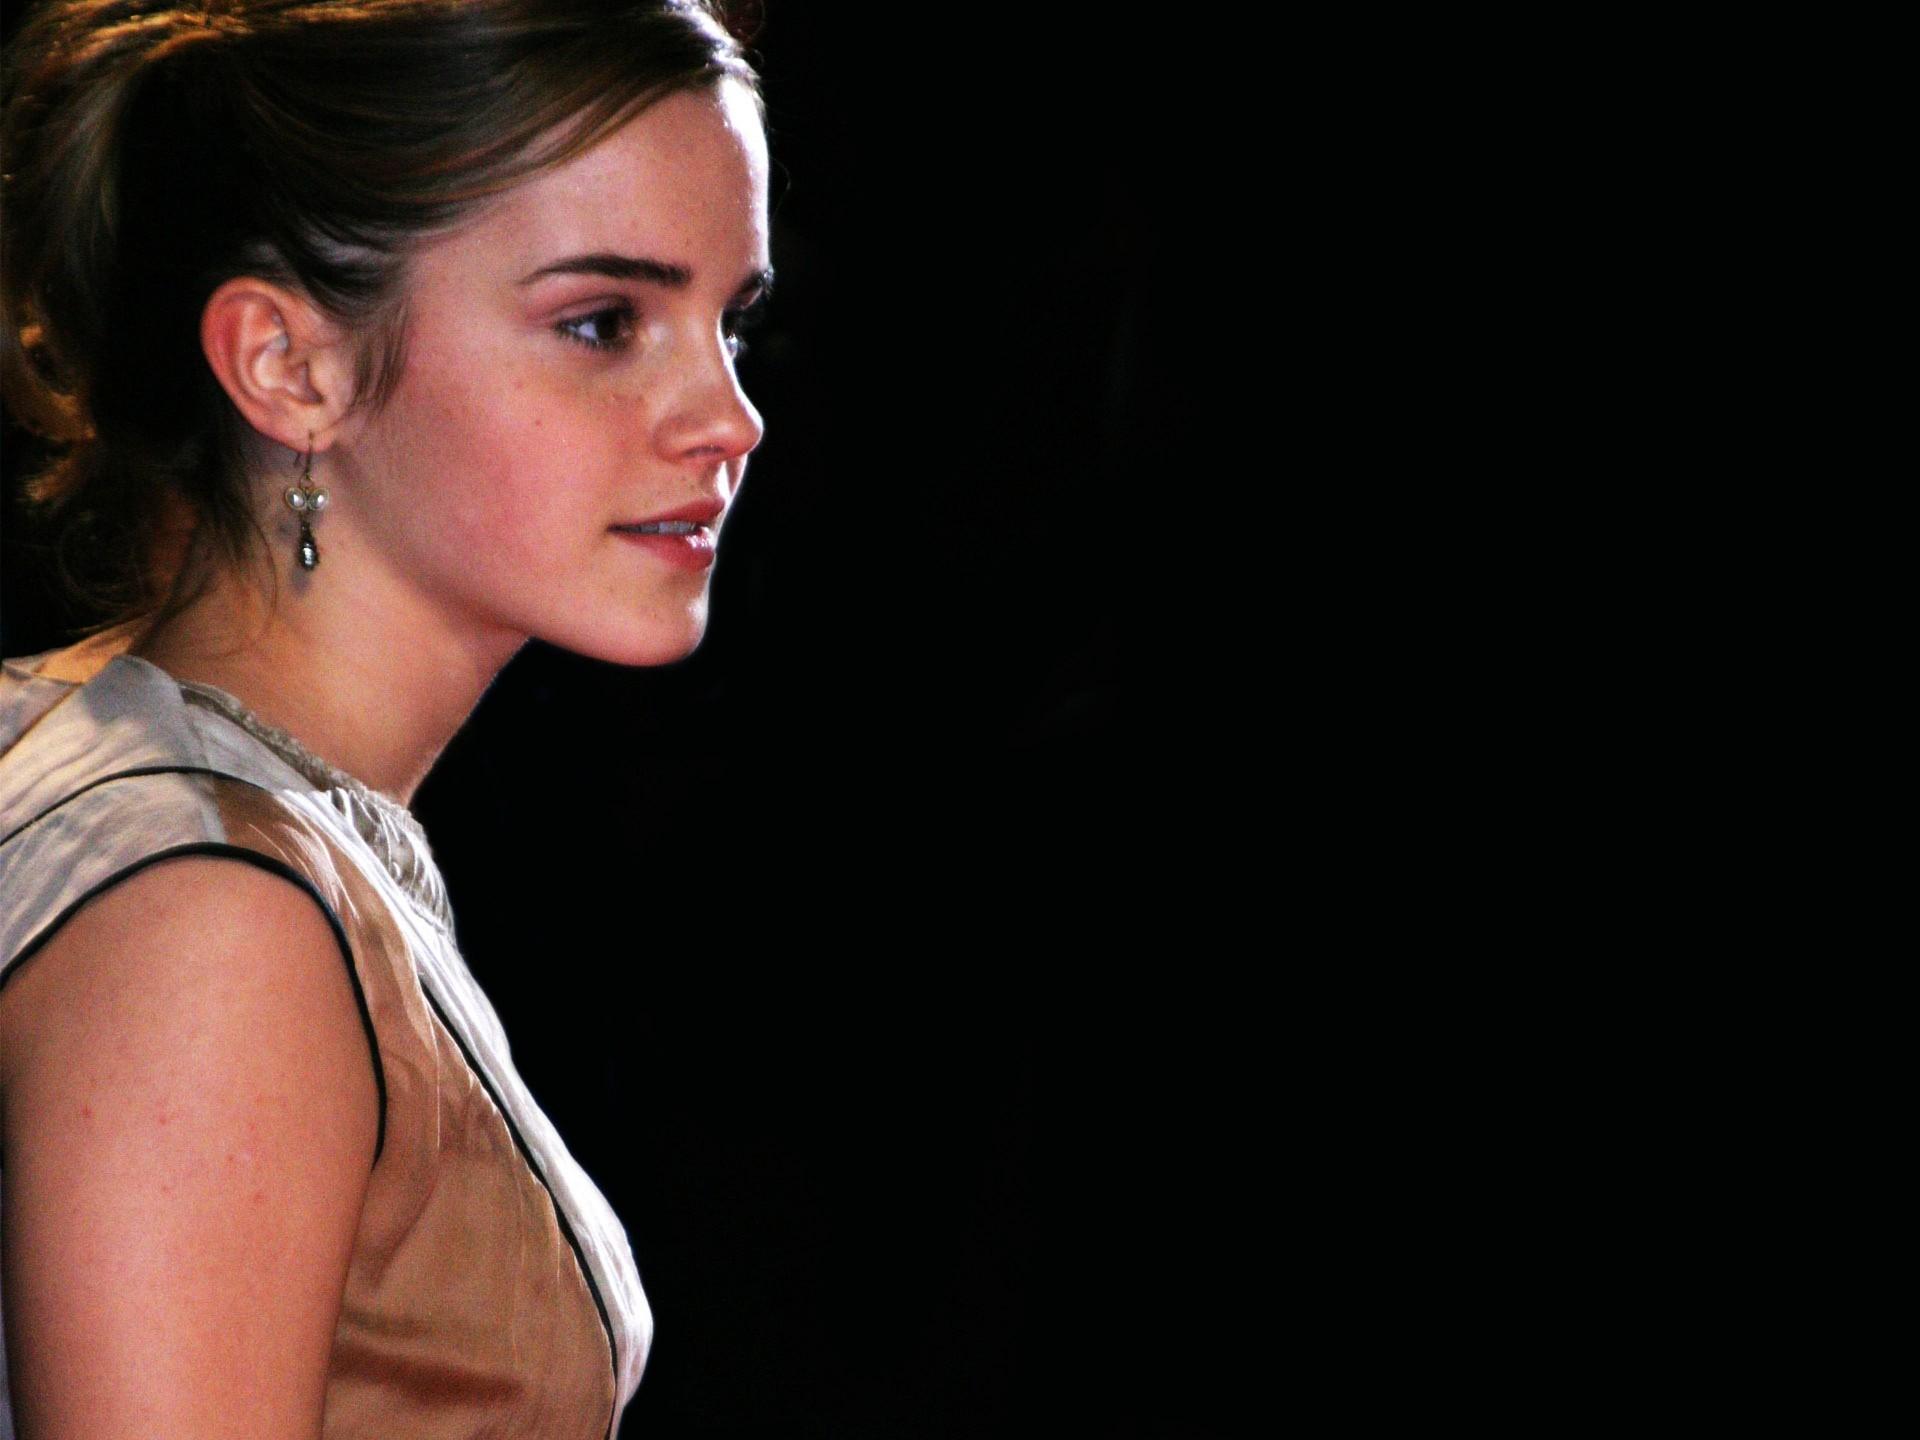 Emma Watson HQ HD Wallpapers Windows Desktop Wallpapers   Abstract  Wallpapers   Windows 10 Wallpapers and app